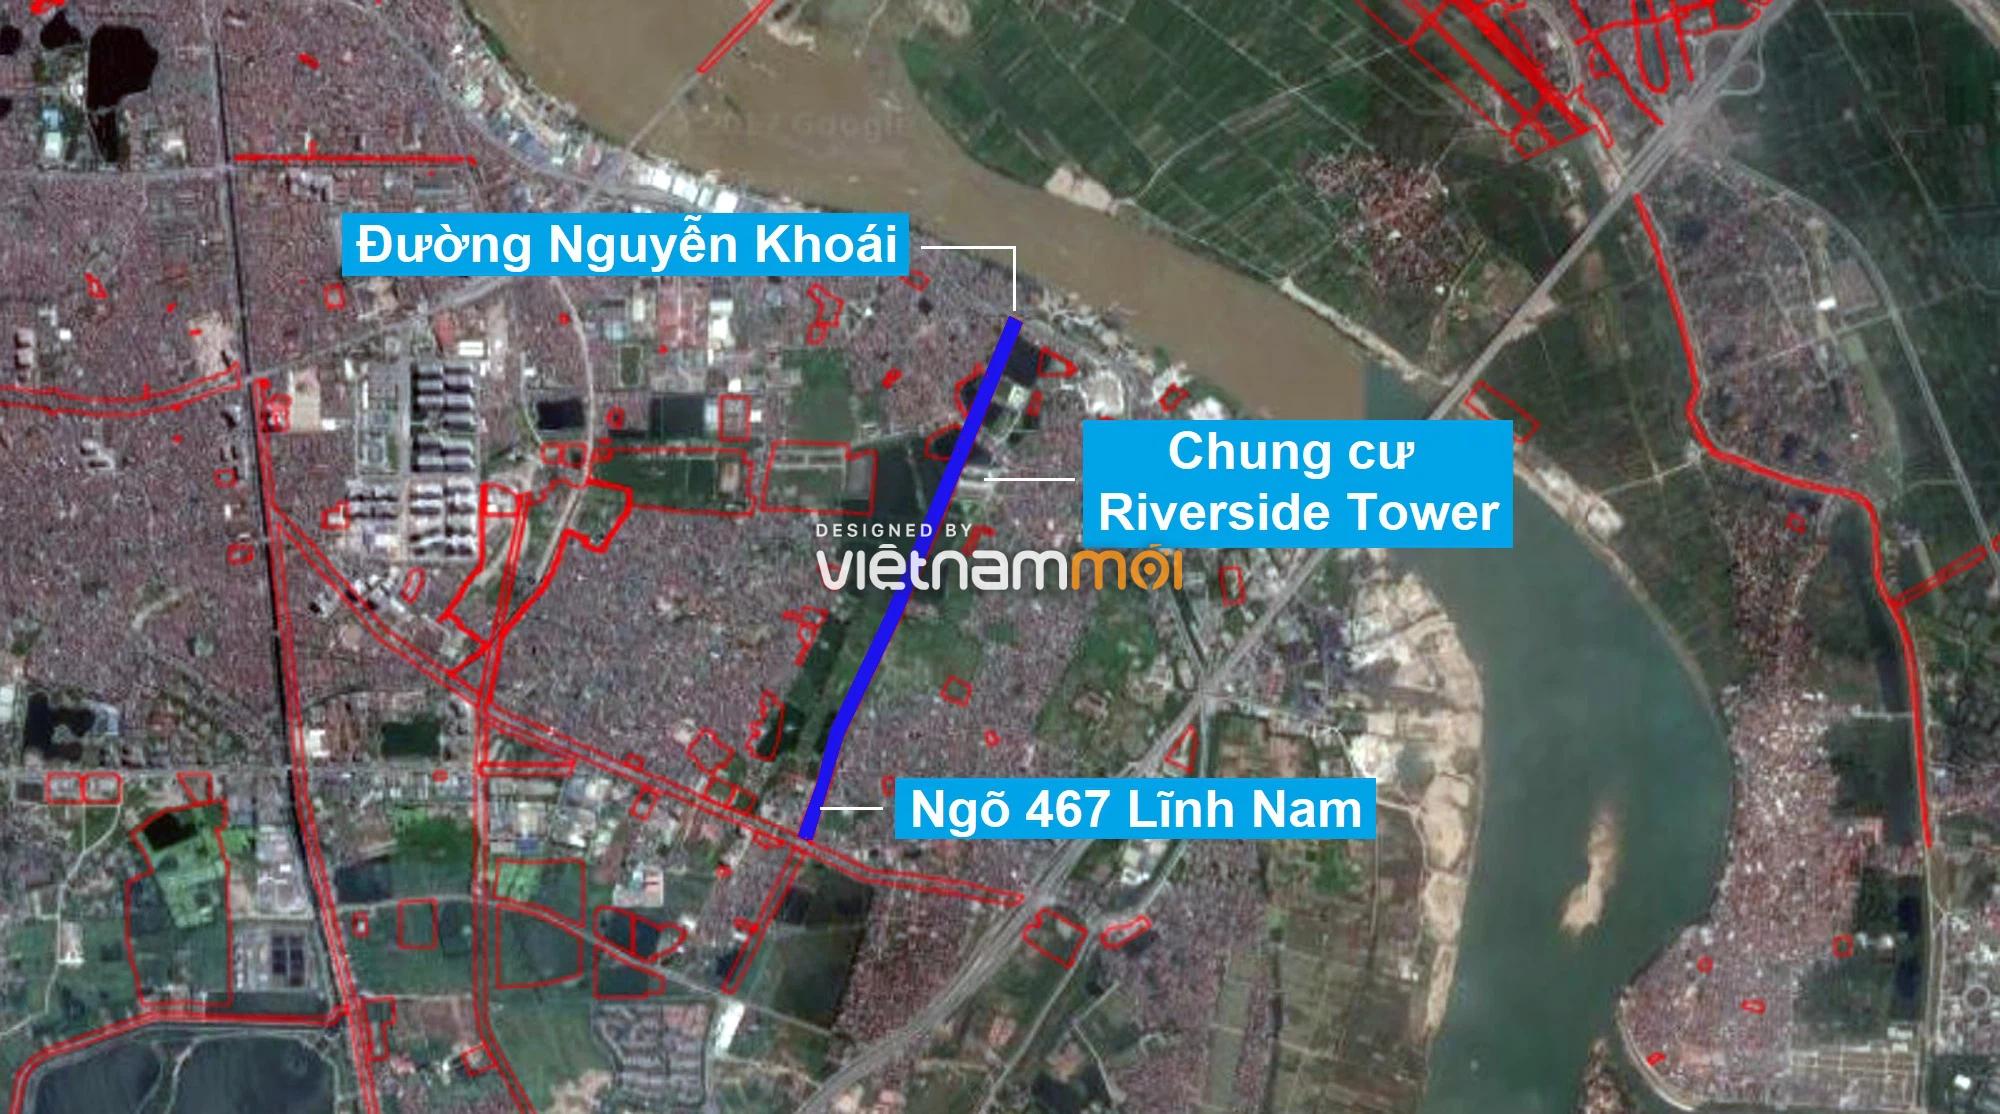 Những khu đất sắp thu hồi để mở đường ở quận Hoàng Mai, Hà Nội (phần 1) - Ảnh 2.